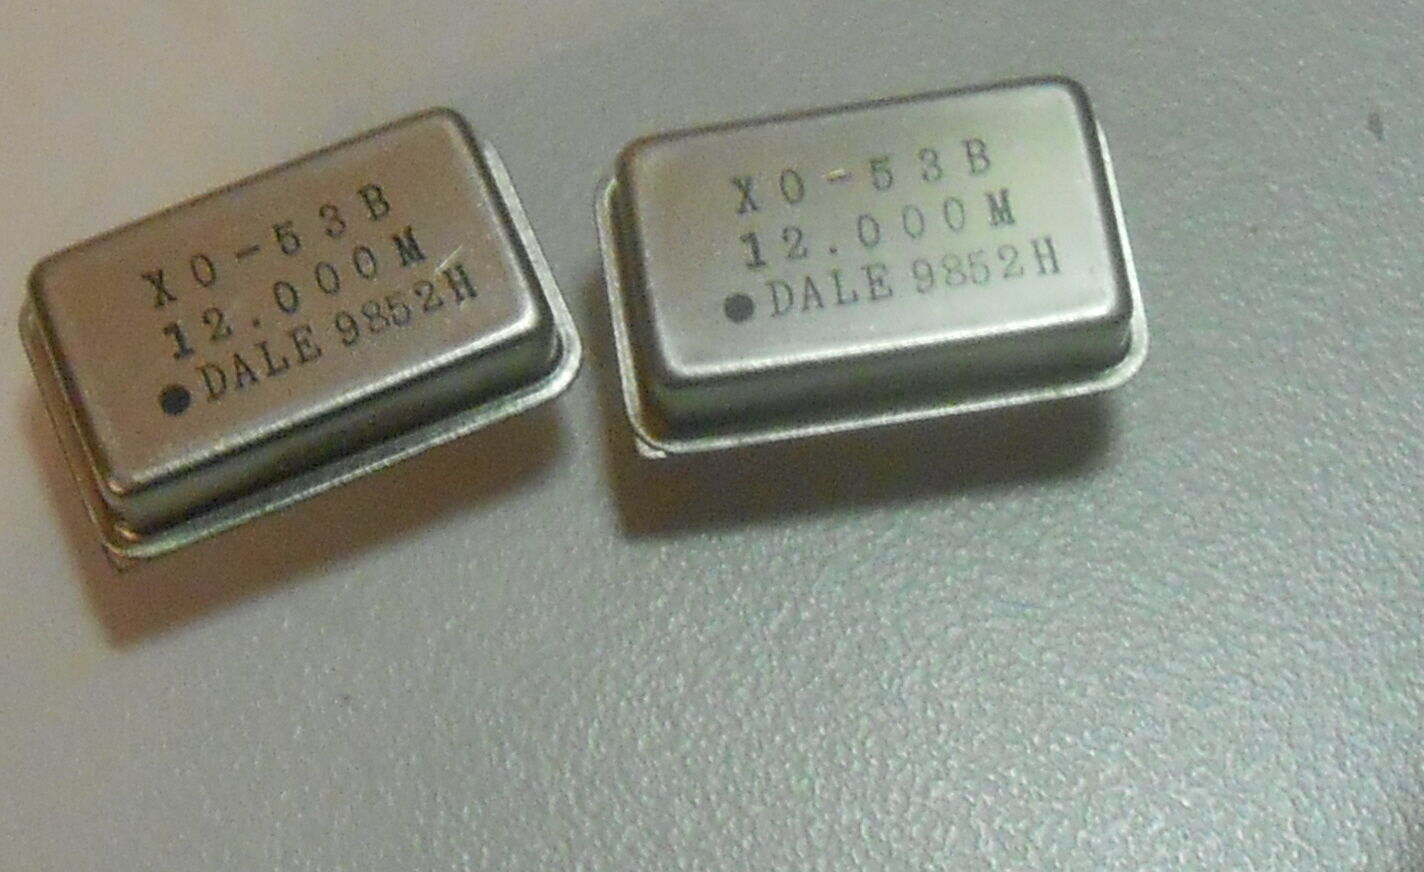 LOT OF 46 12 000 MHZ FULL Größe OSCILLATORS X0-53B 12 000M DALE